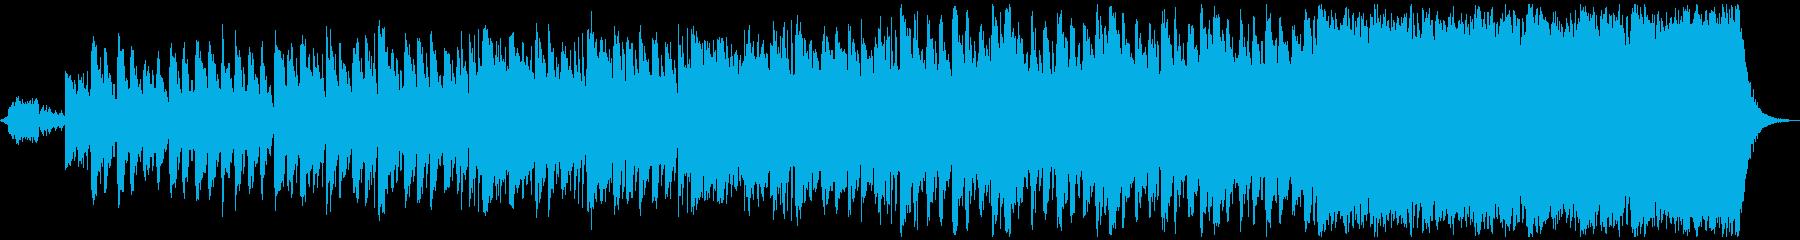 不気味な、怖いハロウィーン音楽は不吉な休の再生済みの波形